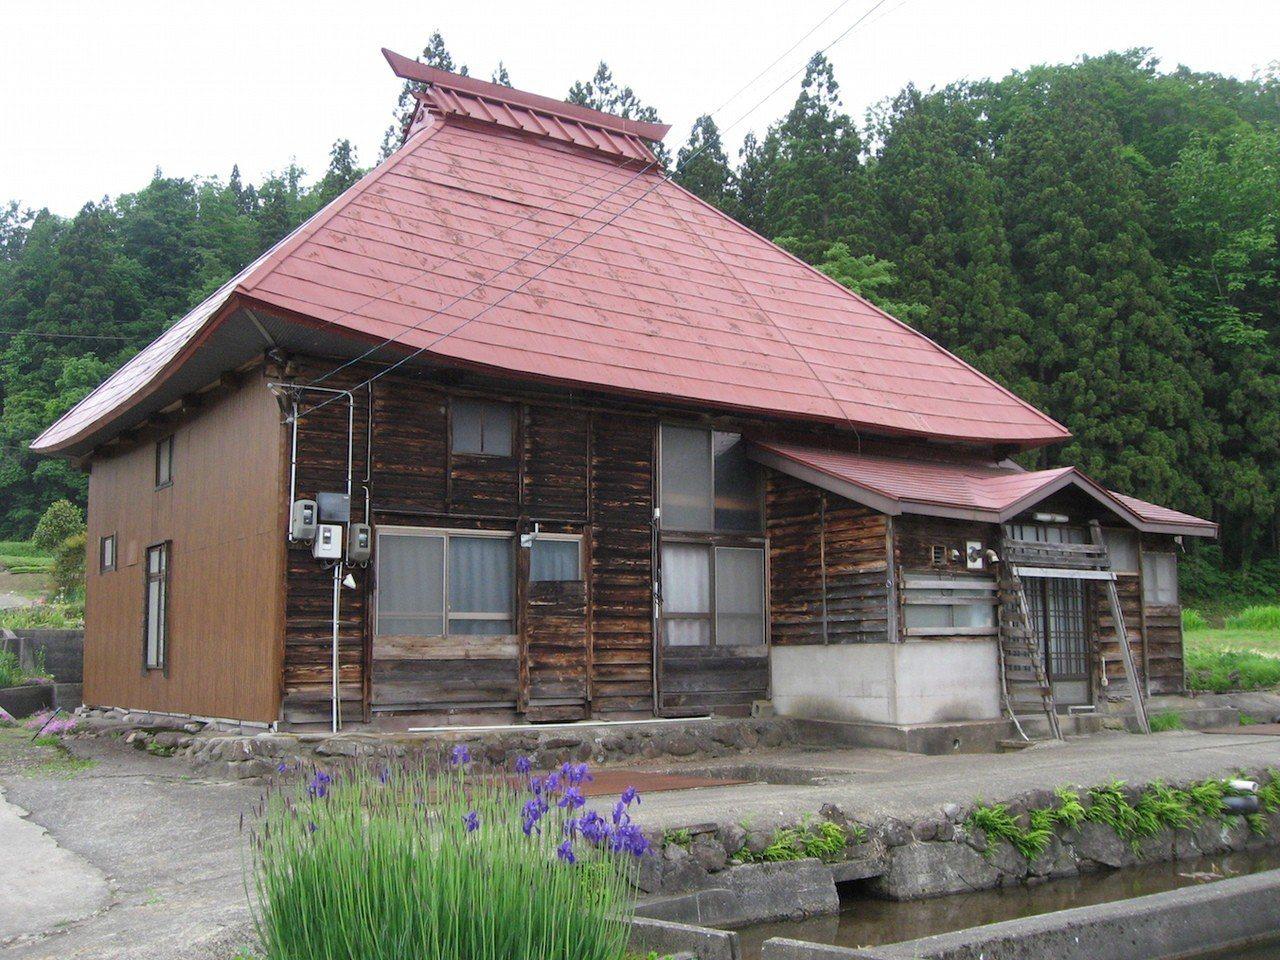 日本空屋問題日益嚴重。(圖/取自網路)